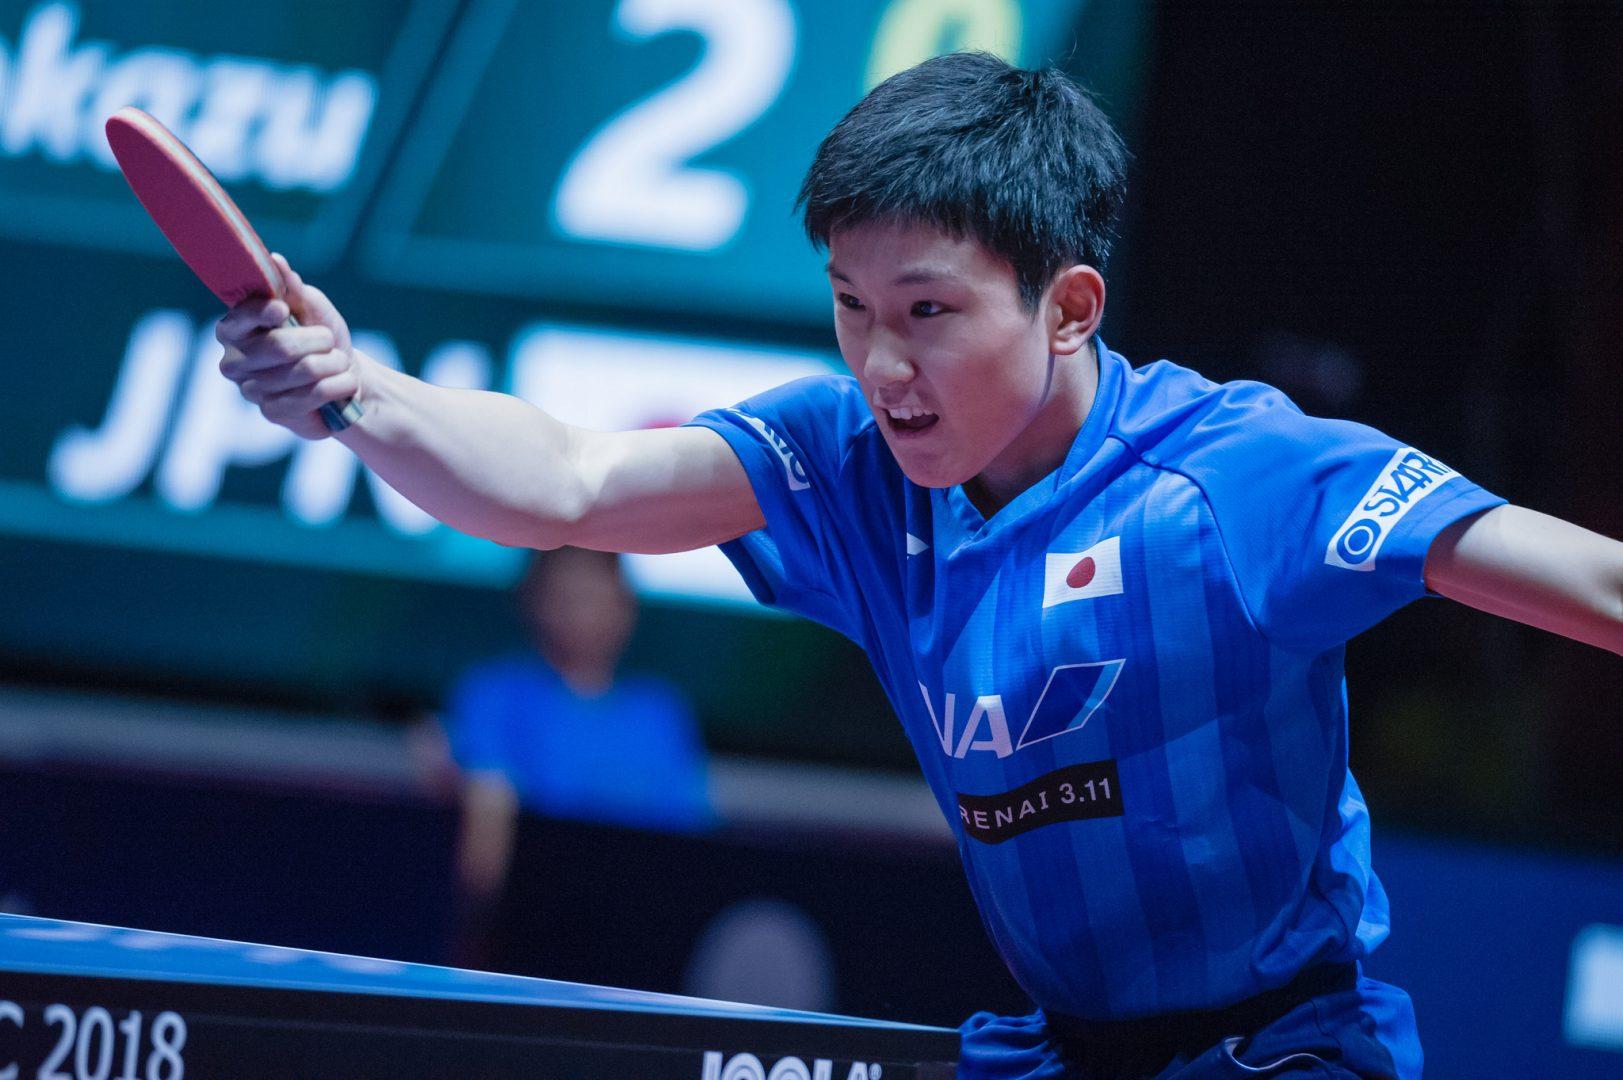 【卓球】張本智和が日本人トップキープで8位|男子世界ランキング(9月最新発表)